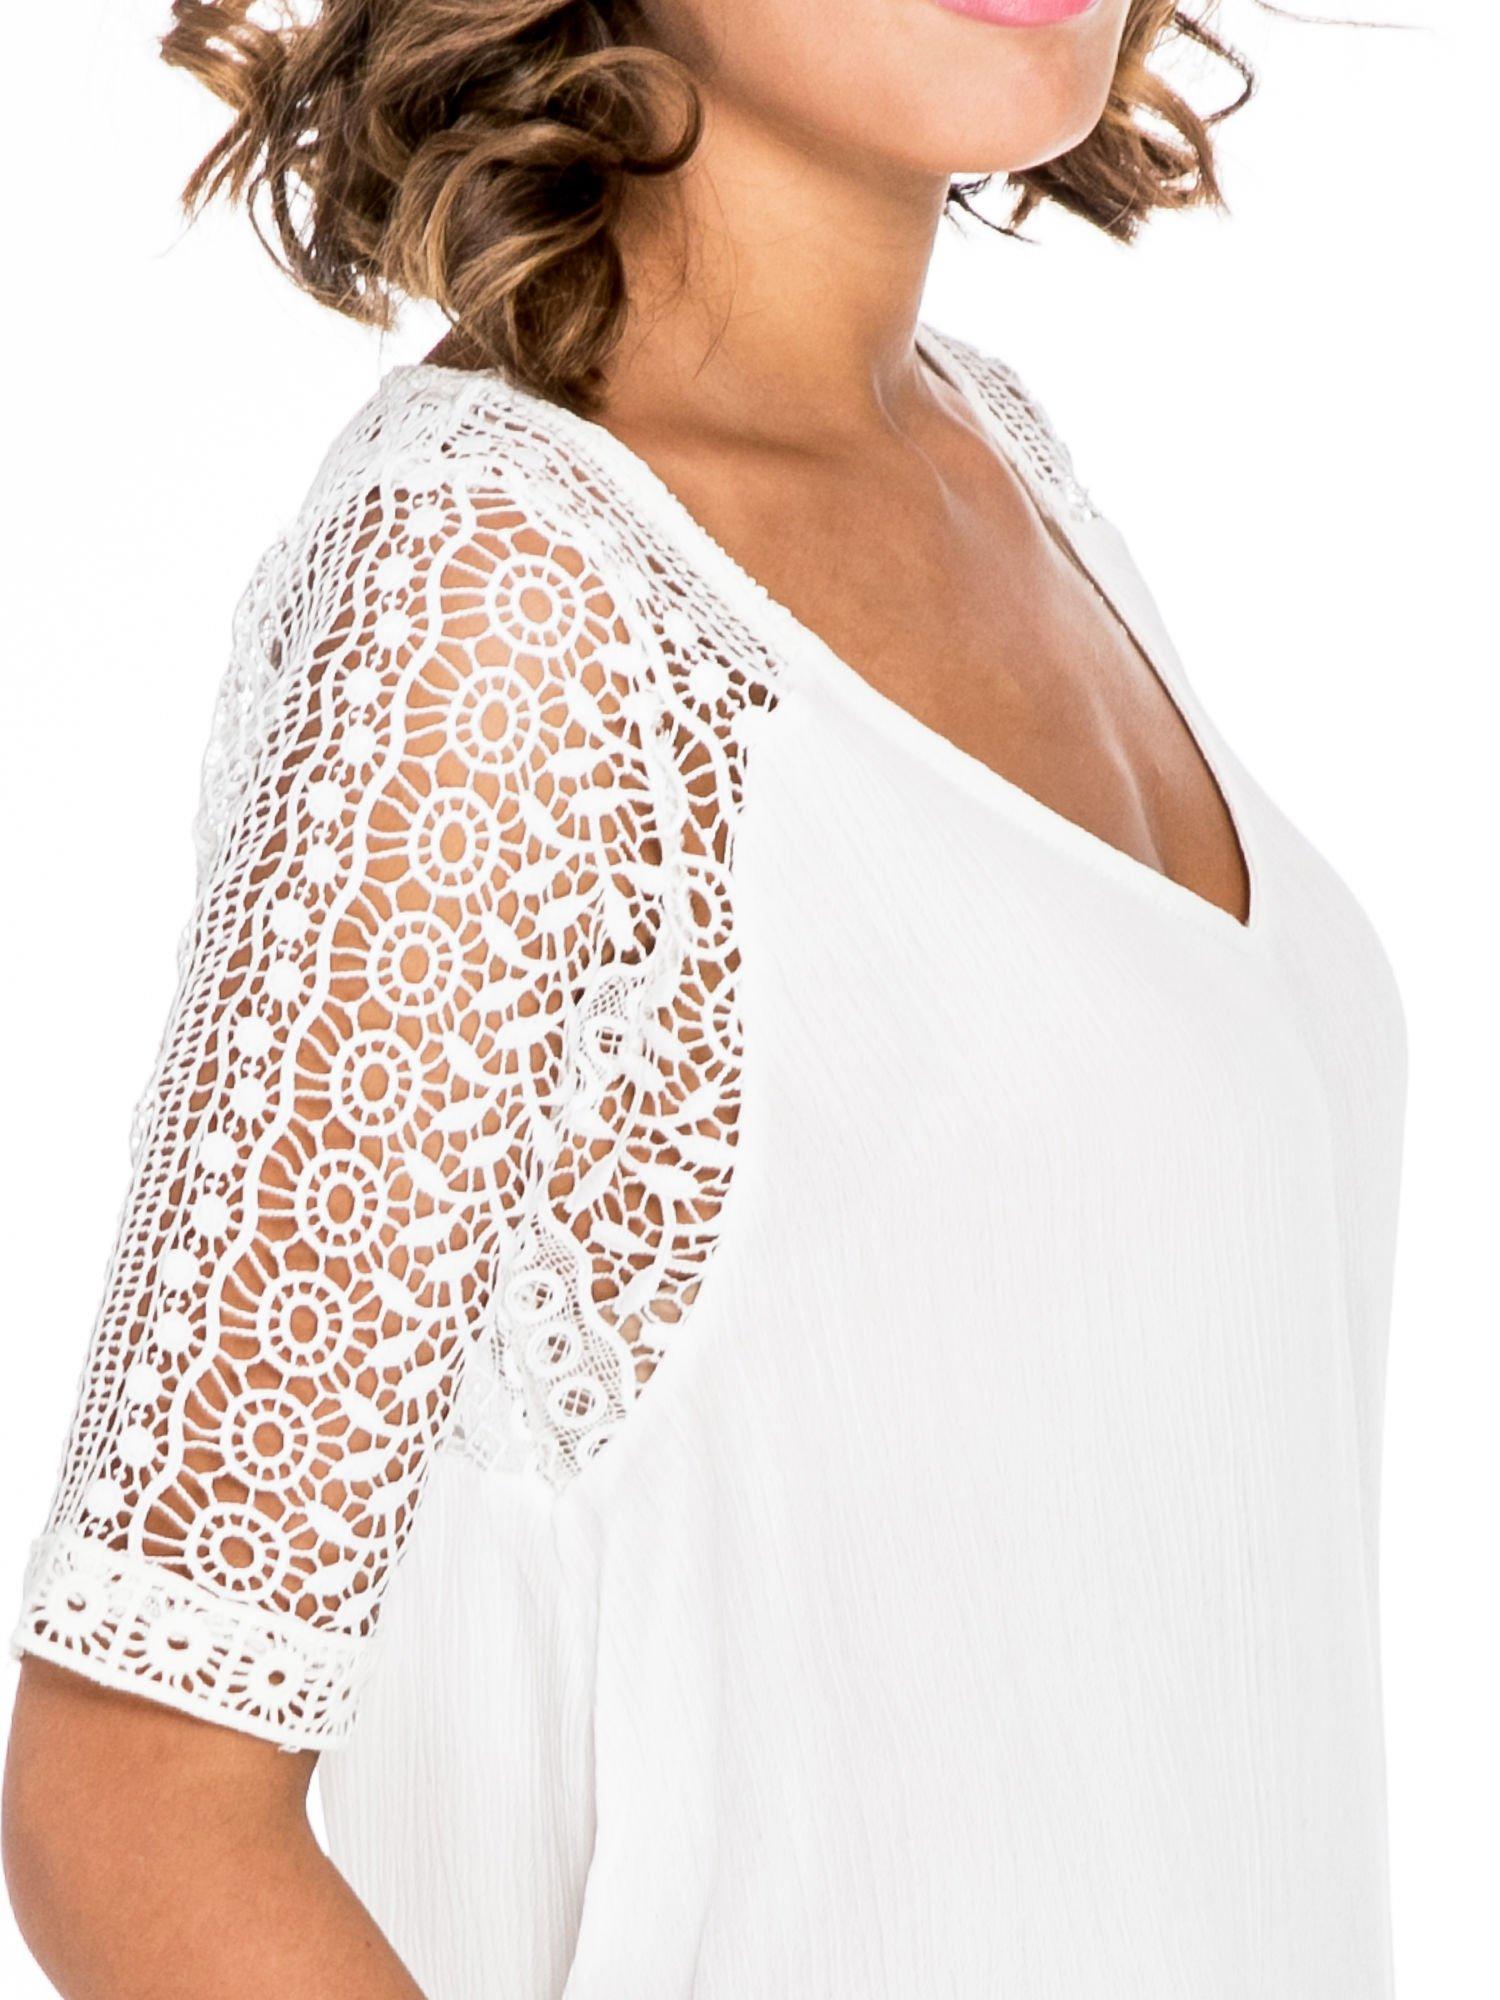 Ecru bluzka koszulowa z koronkowymi rękawami                                  zdj.                                  5